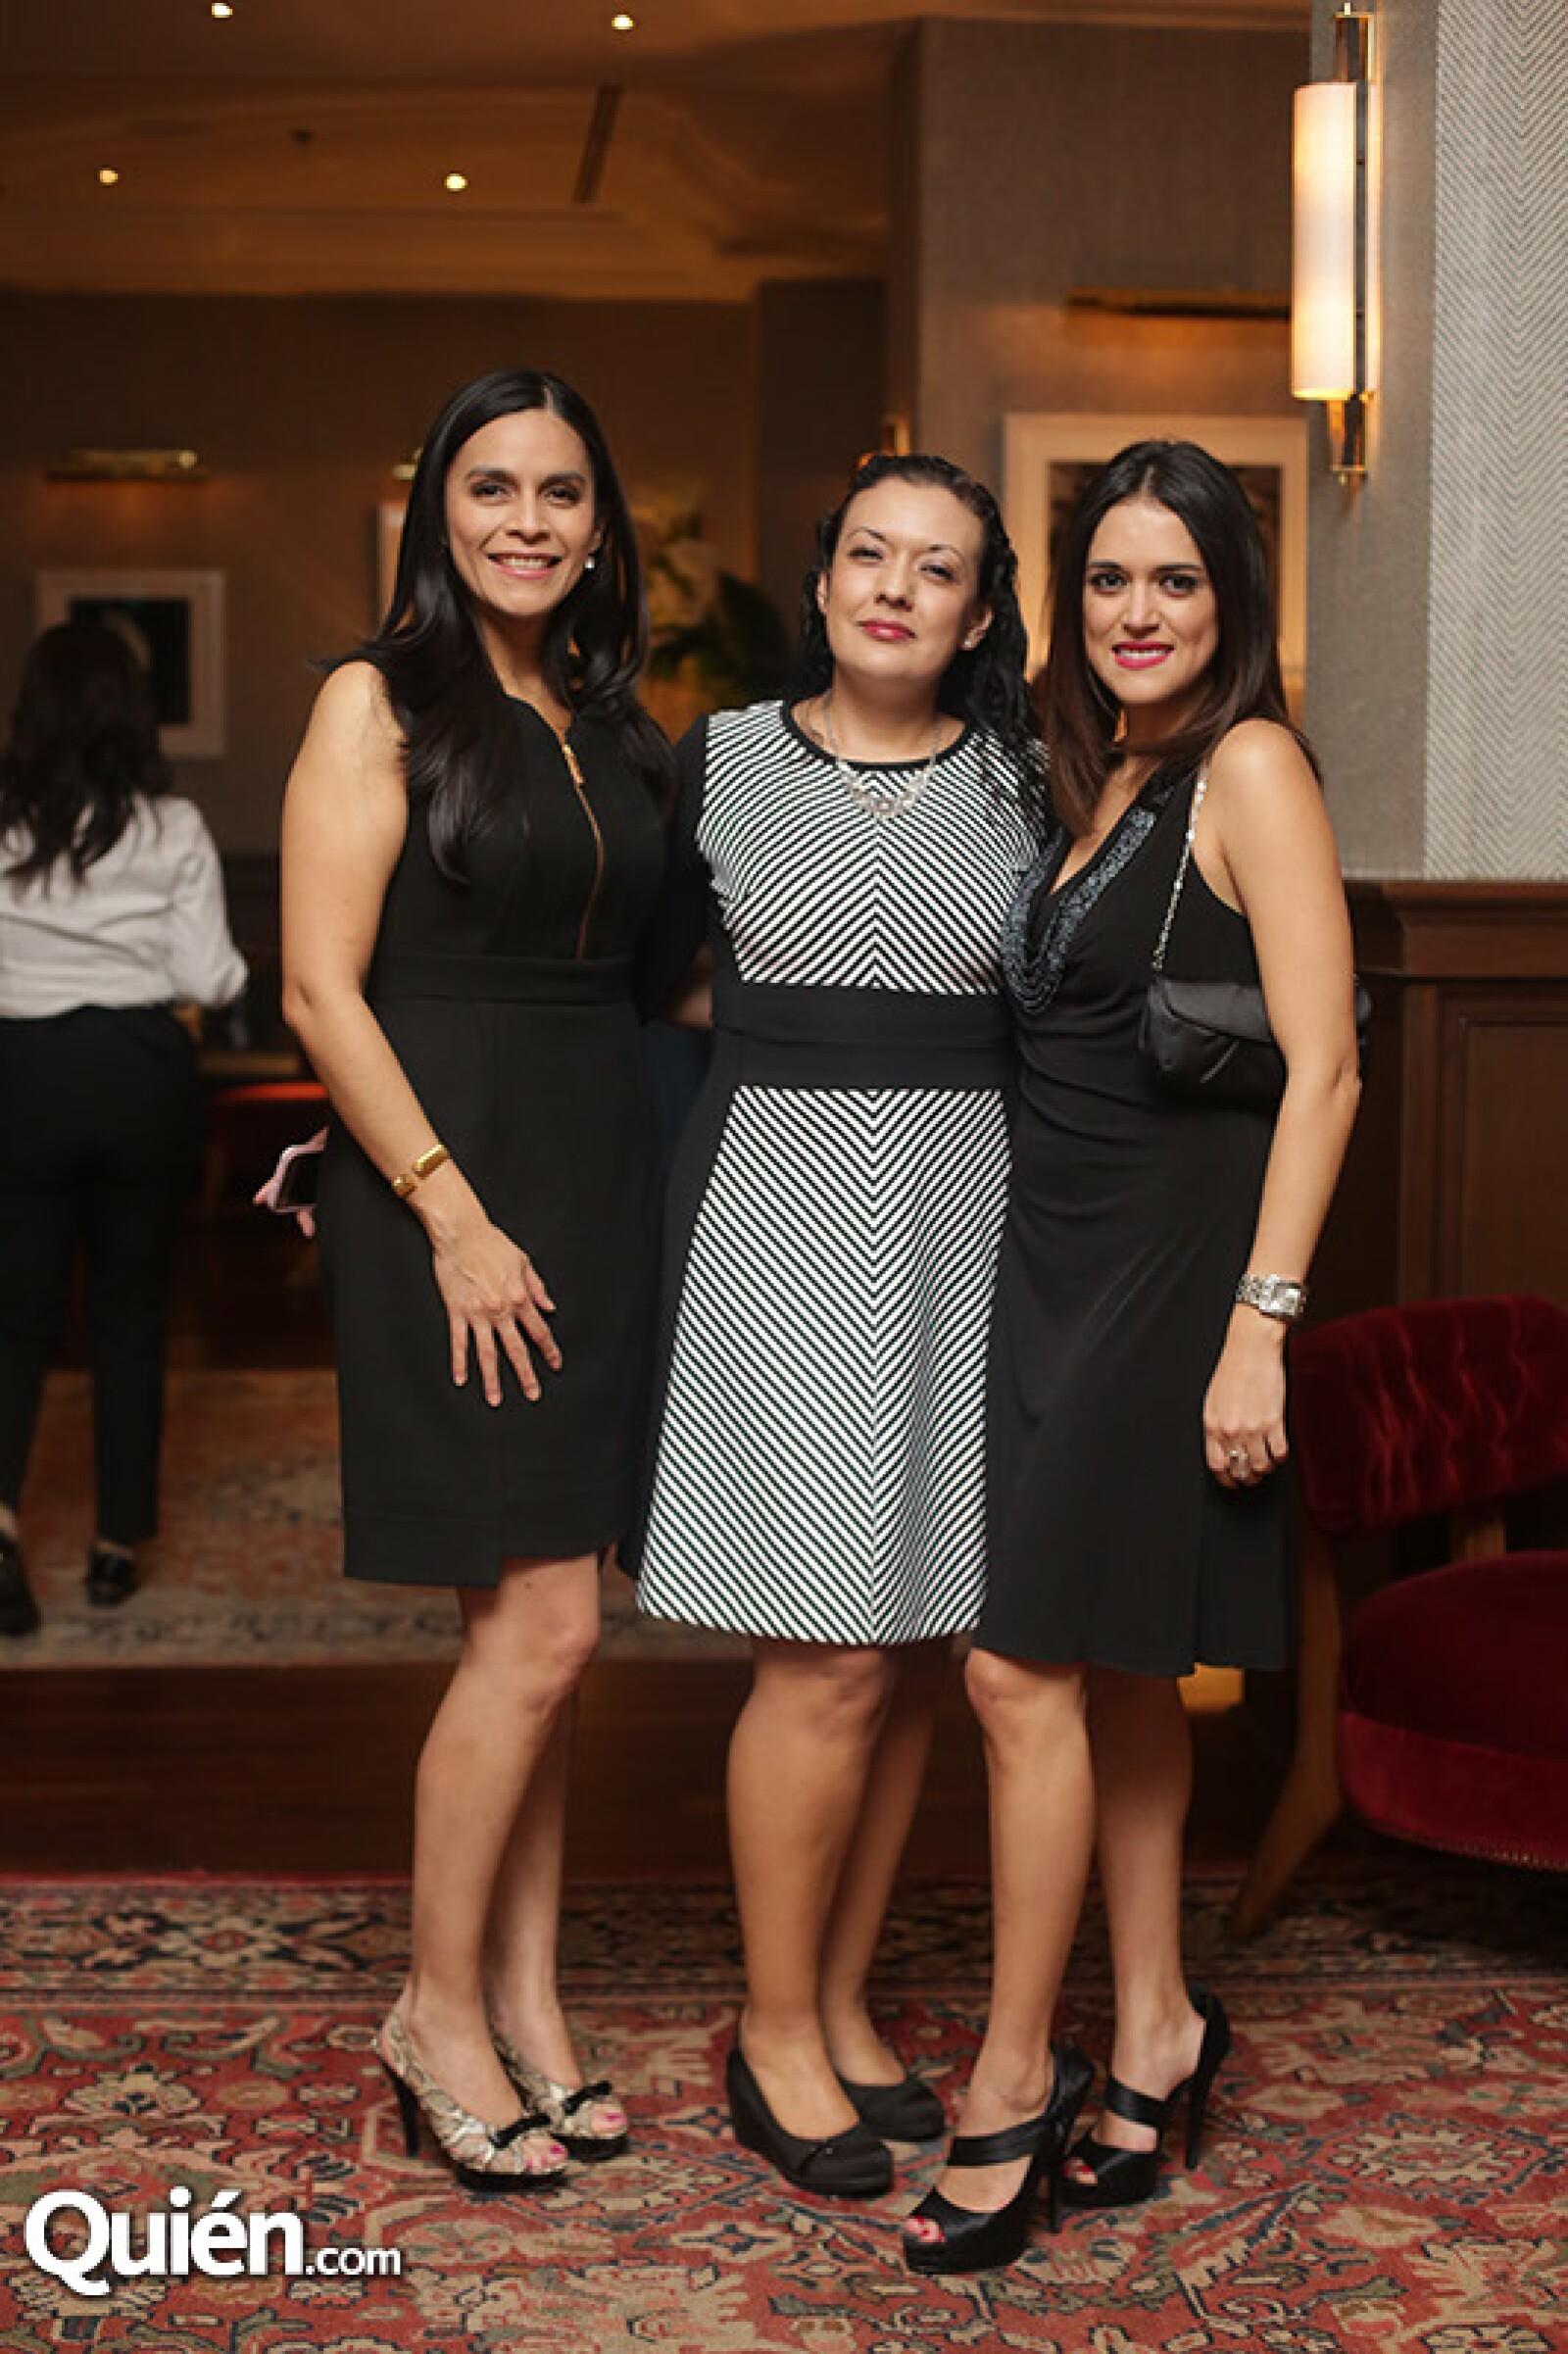 Diana Ortiz,Isela Monroy y Paola Amador